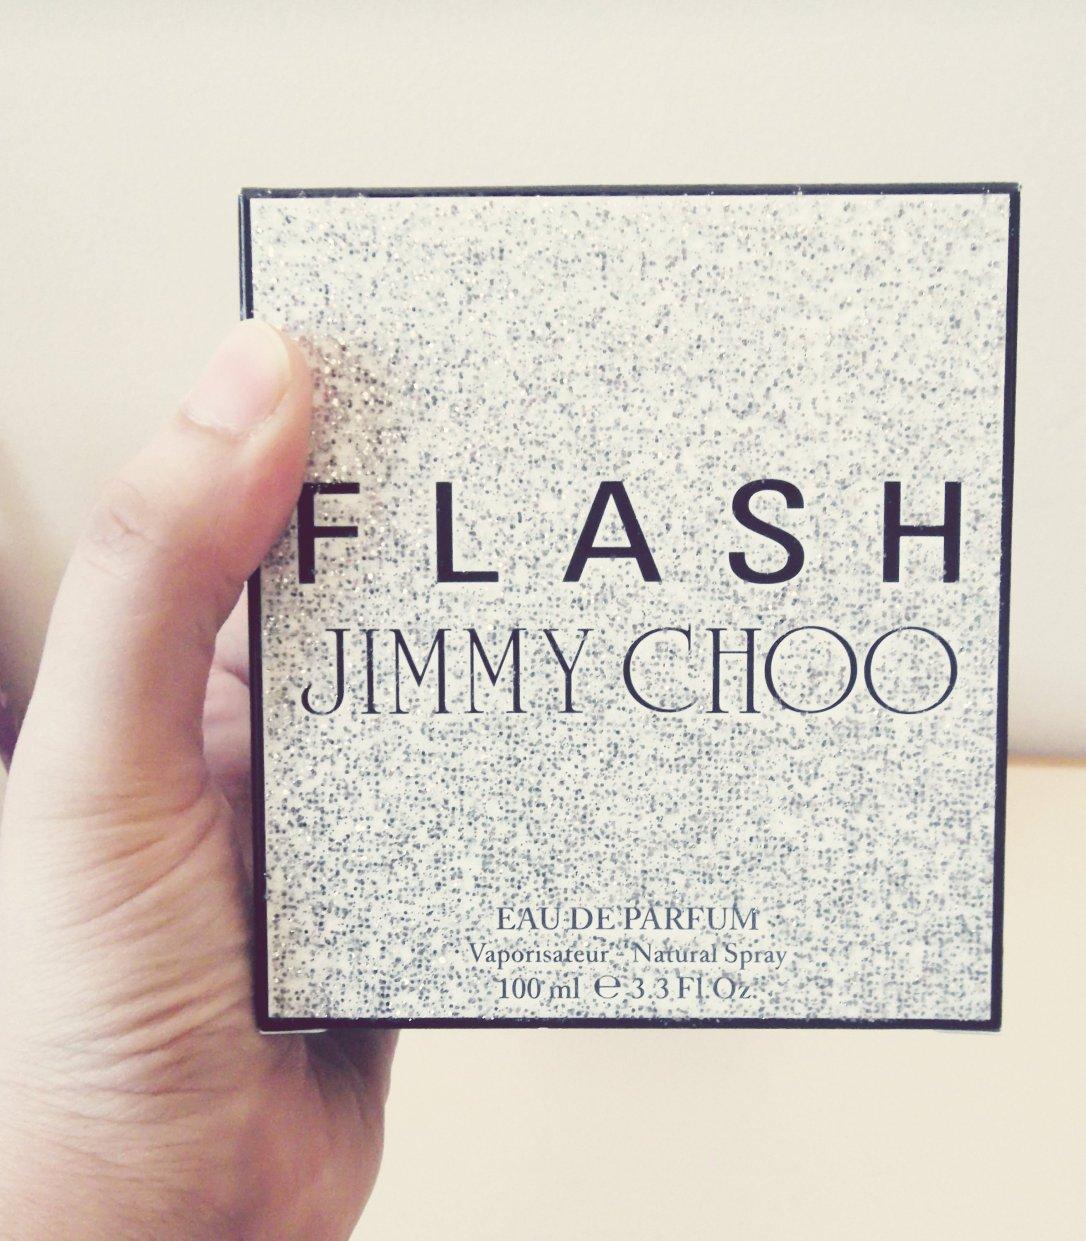 Flash by Jimmy Choo (1)